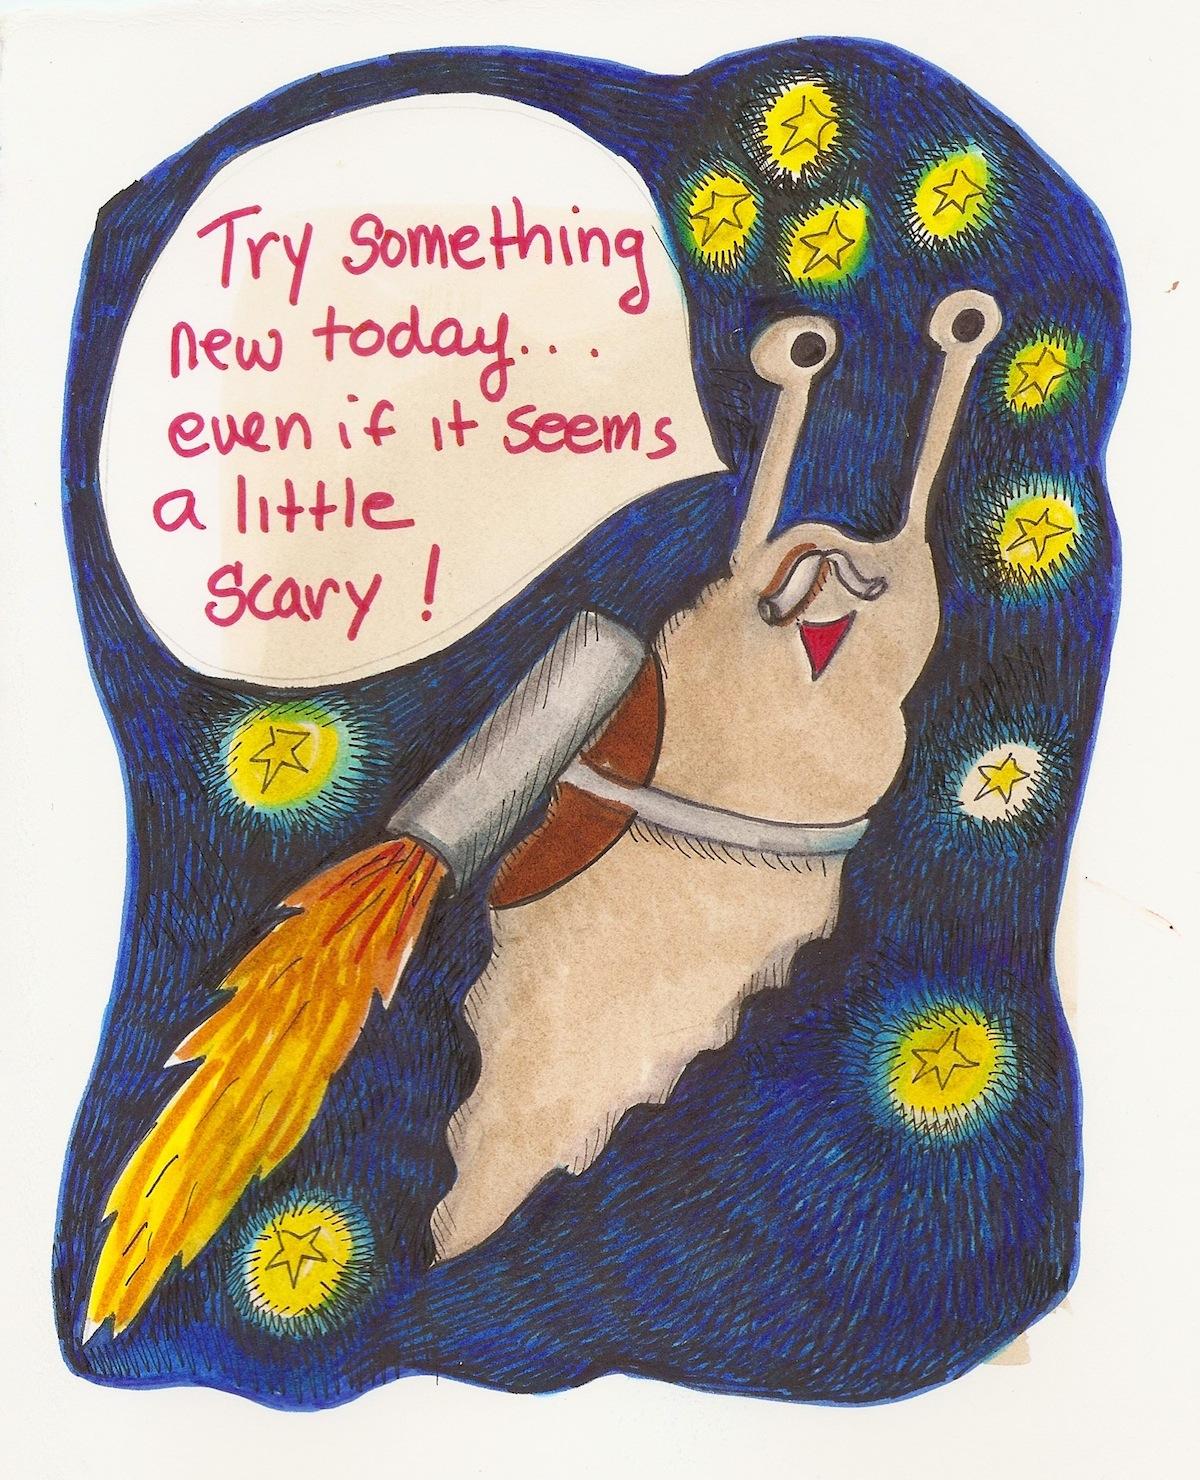 slug advice try something new